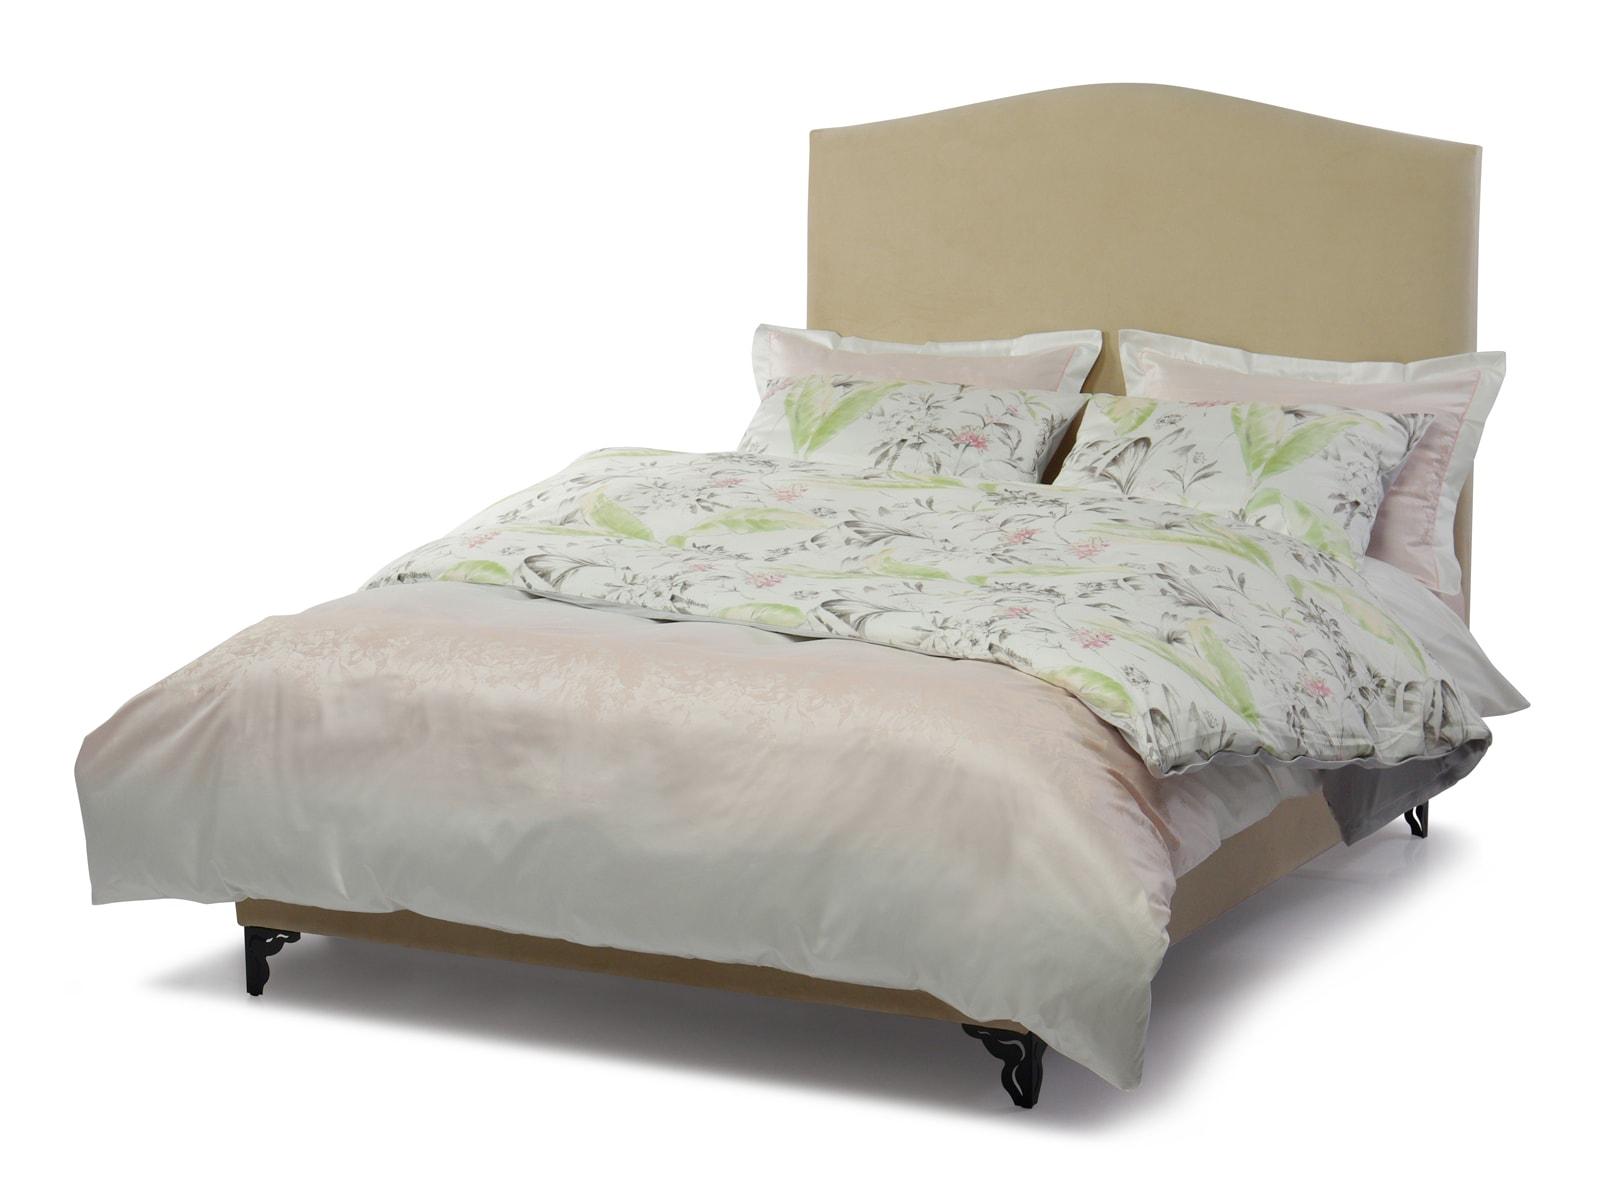 Кровать Chateau с подъемным механизмом бежевого цвета 140х200